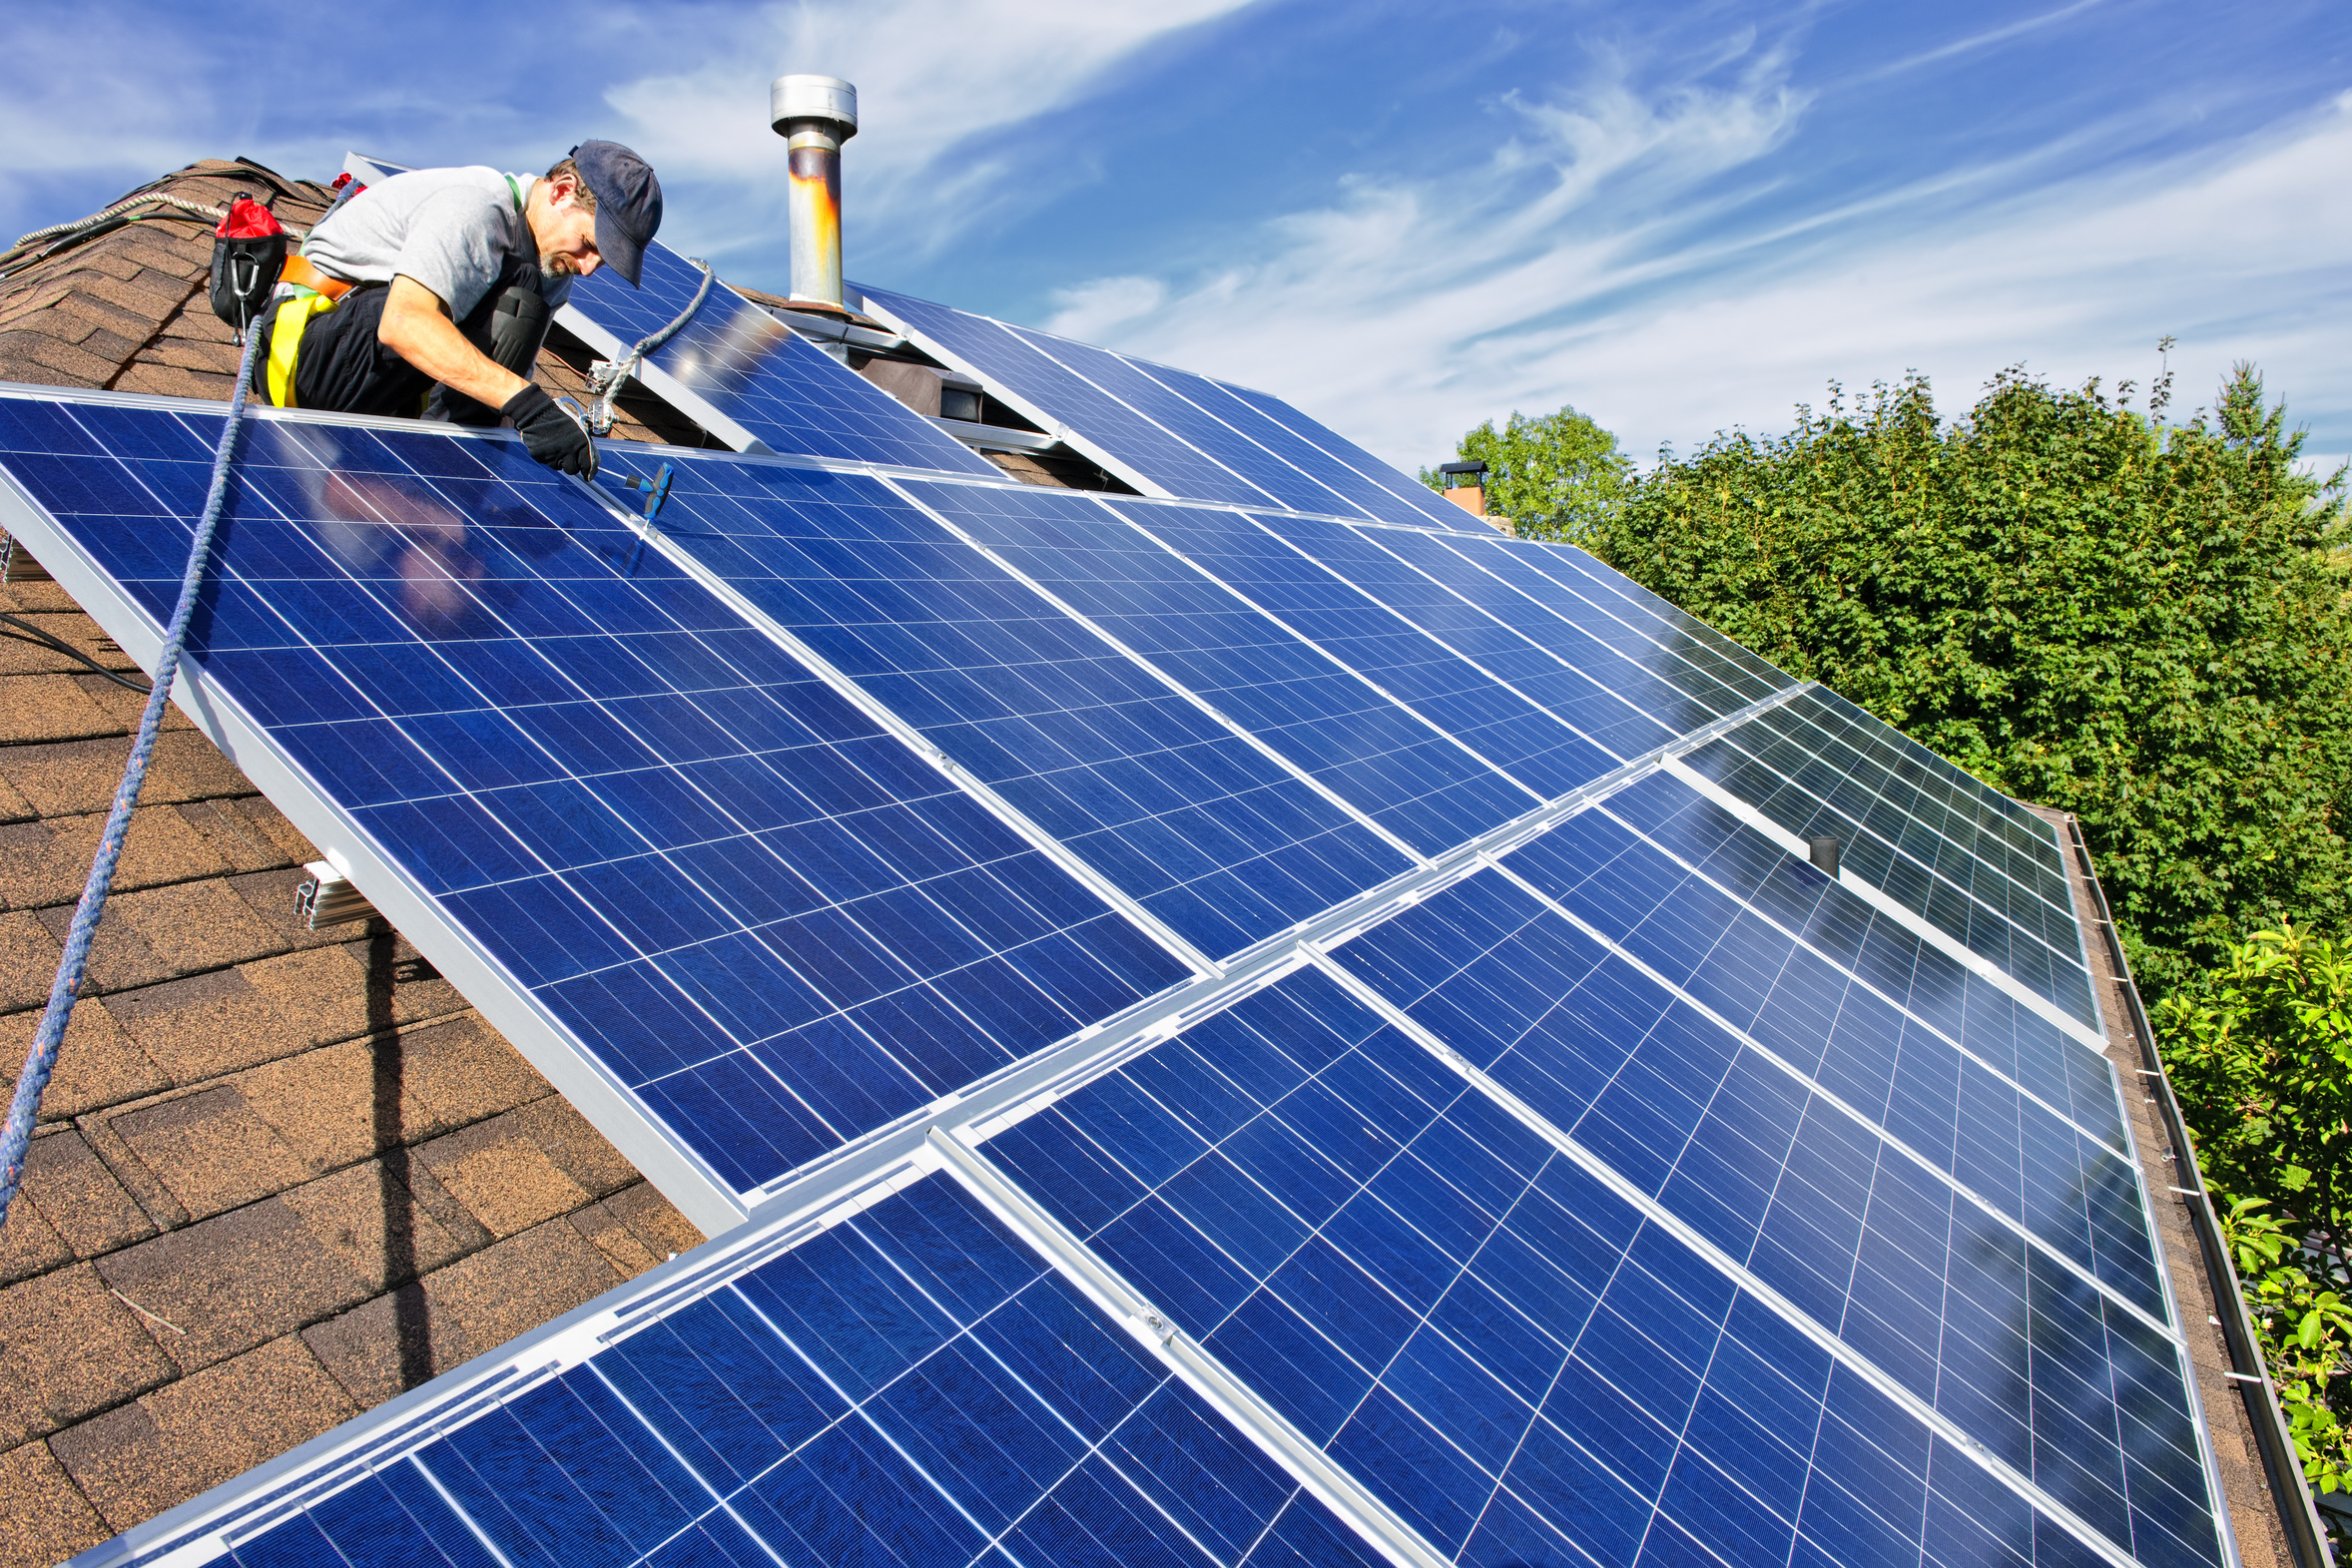 尚未獲美批准 深圳能源放棄收購三太陽能電站